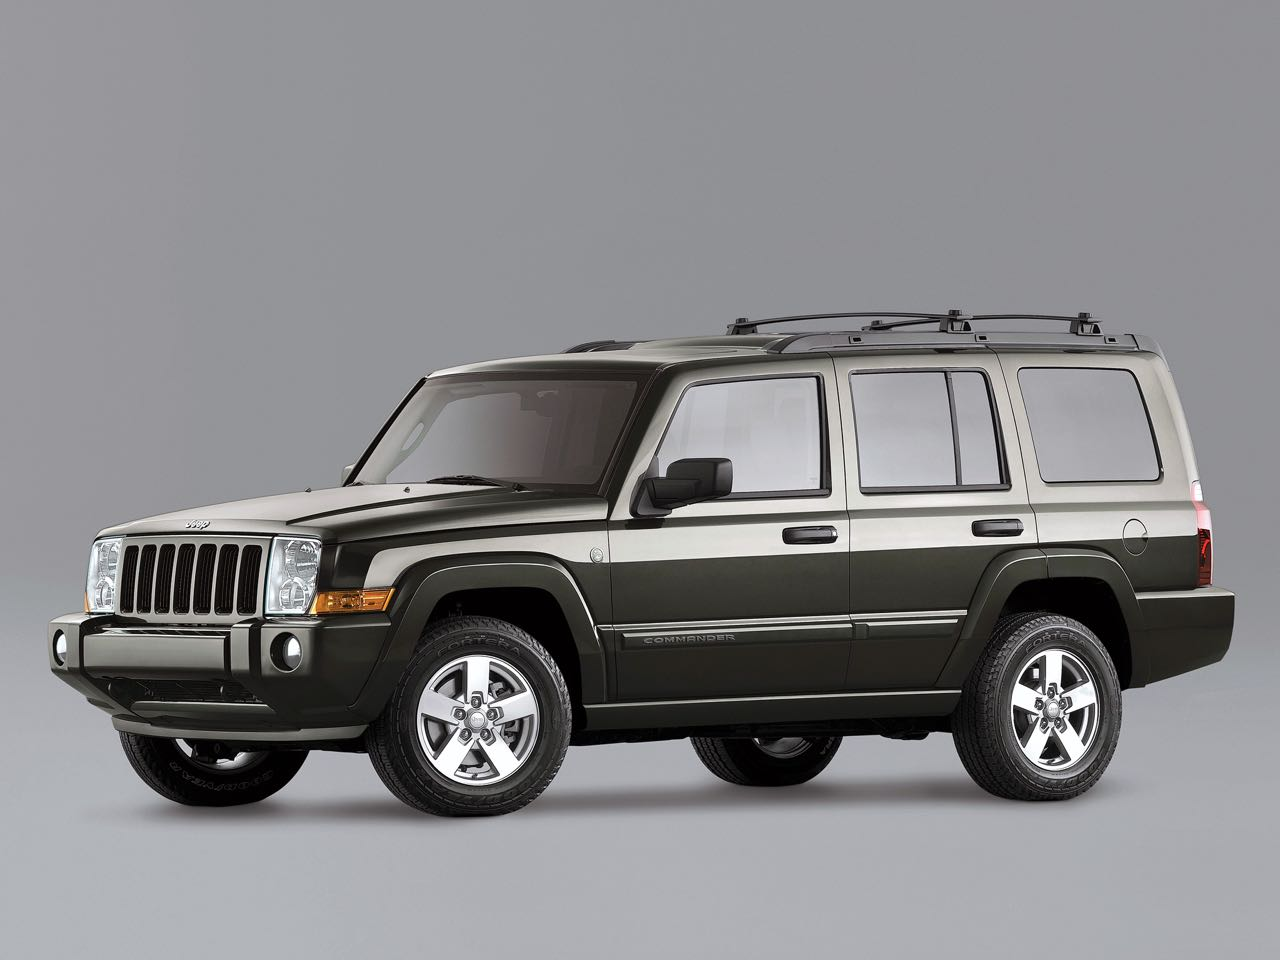 jeep commander 2006 precios motores equipamientos. Black Bedroom Furniture Sets. Home Design Ideas